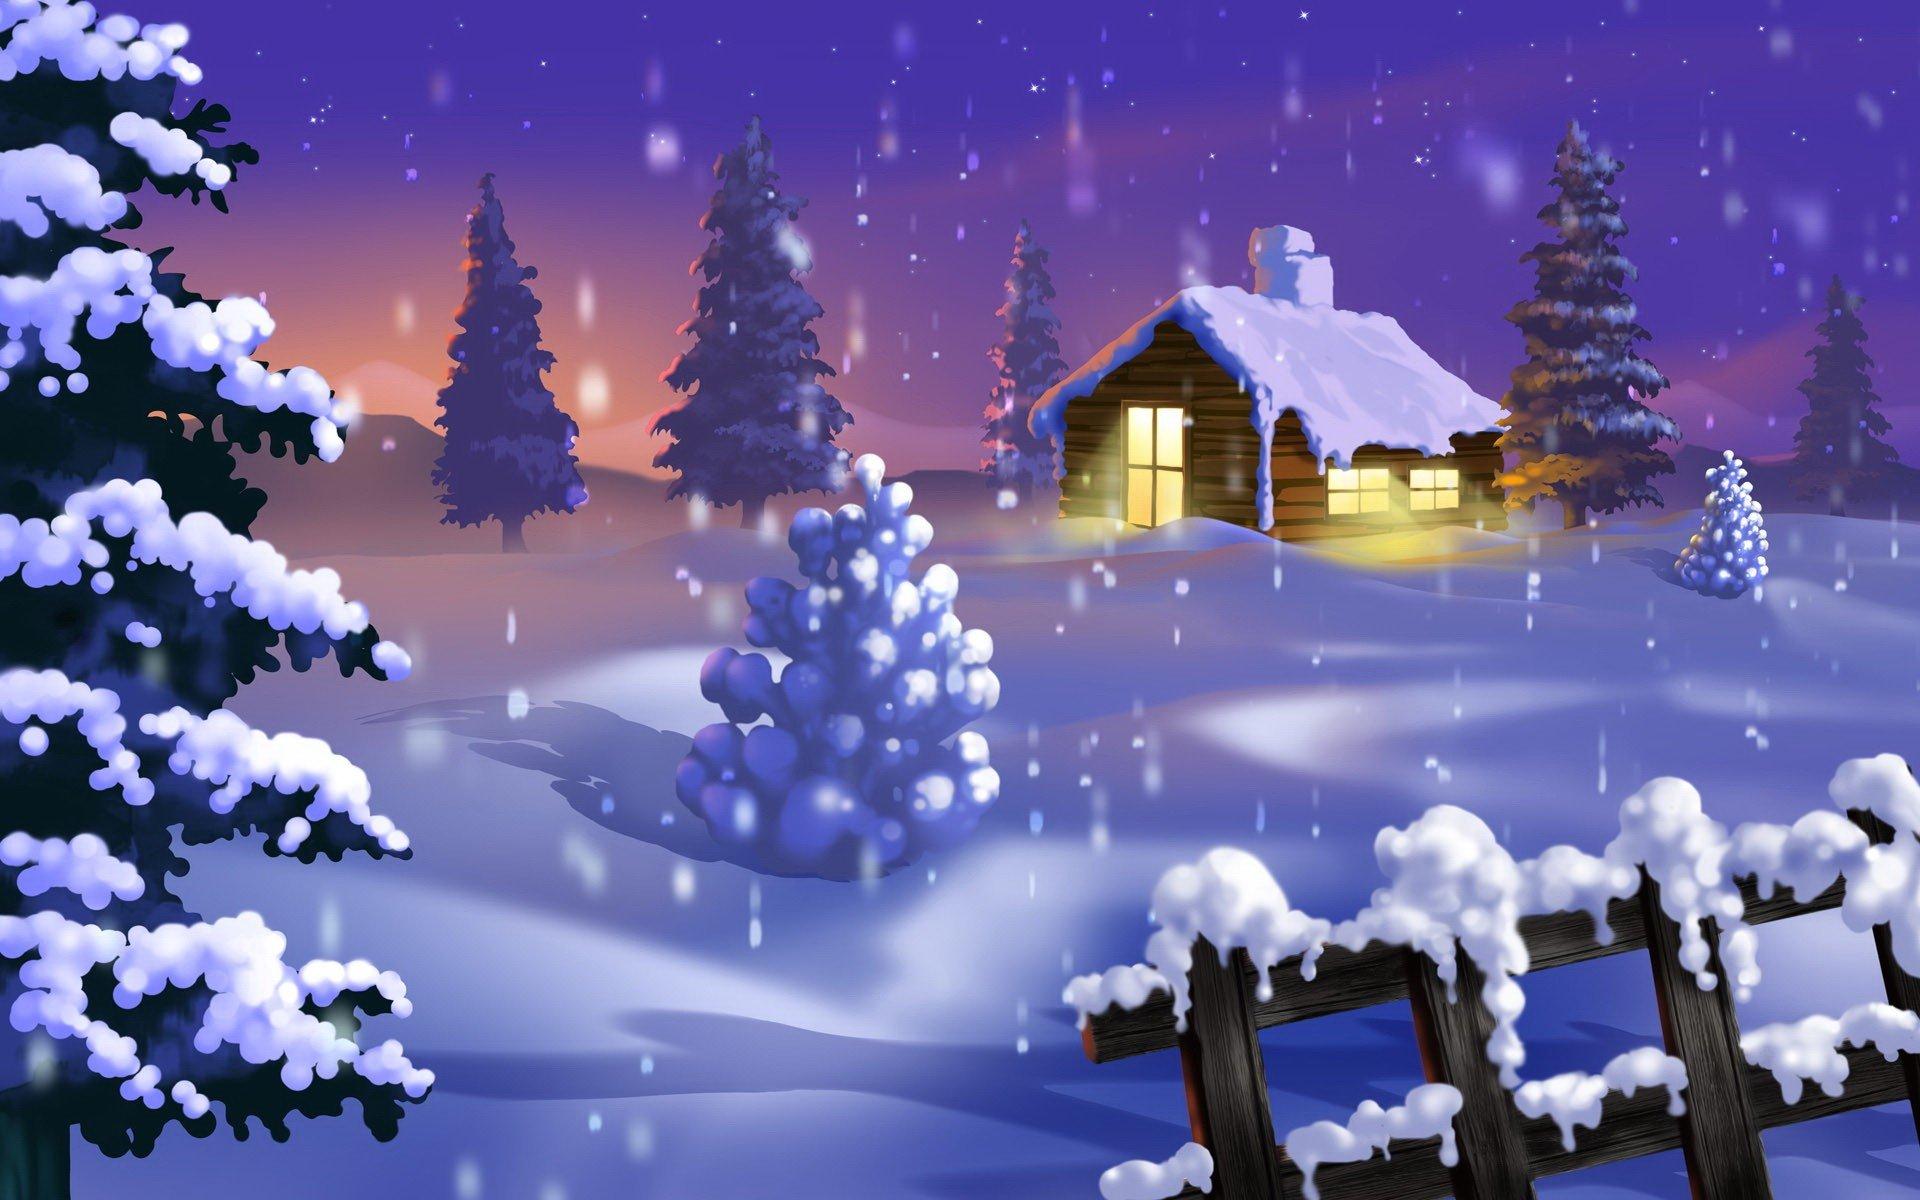 Картинки анимация зима новый год, скрапбукинг марта как